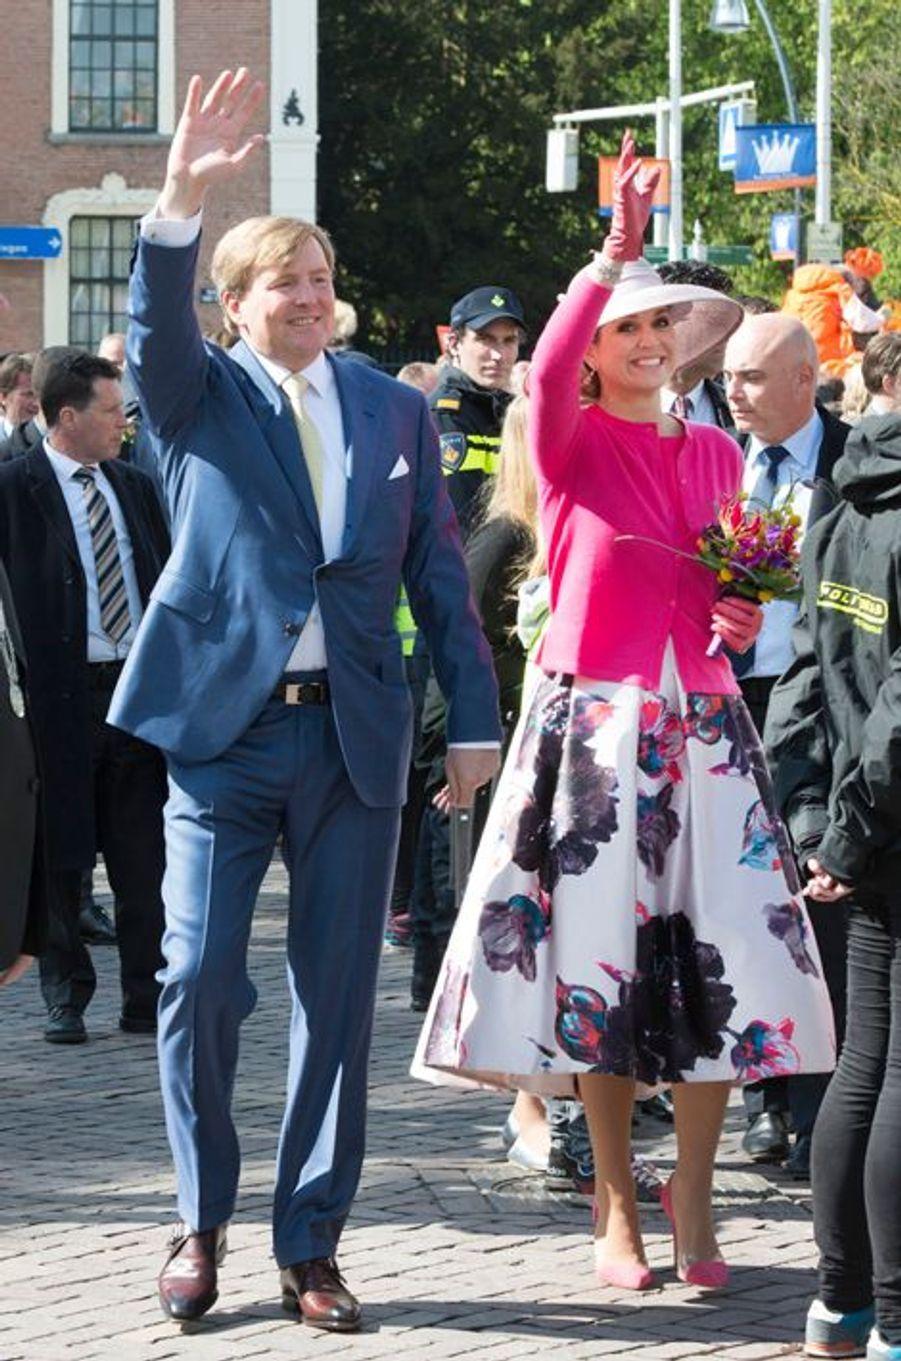 La reine Maxima et le roi Willem-Alexander des Pays-Bas à Zwolle, le 27 avril 2016